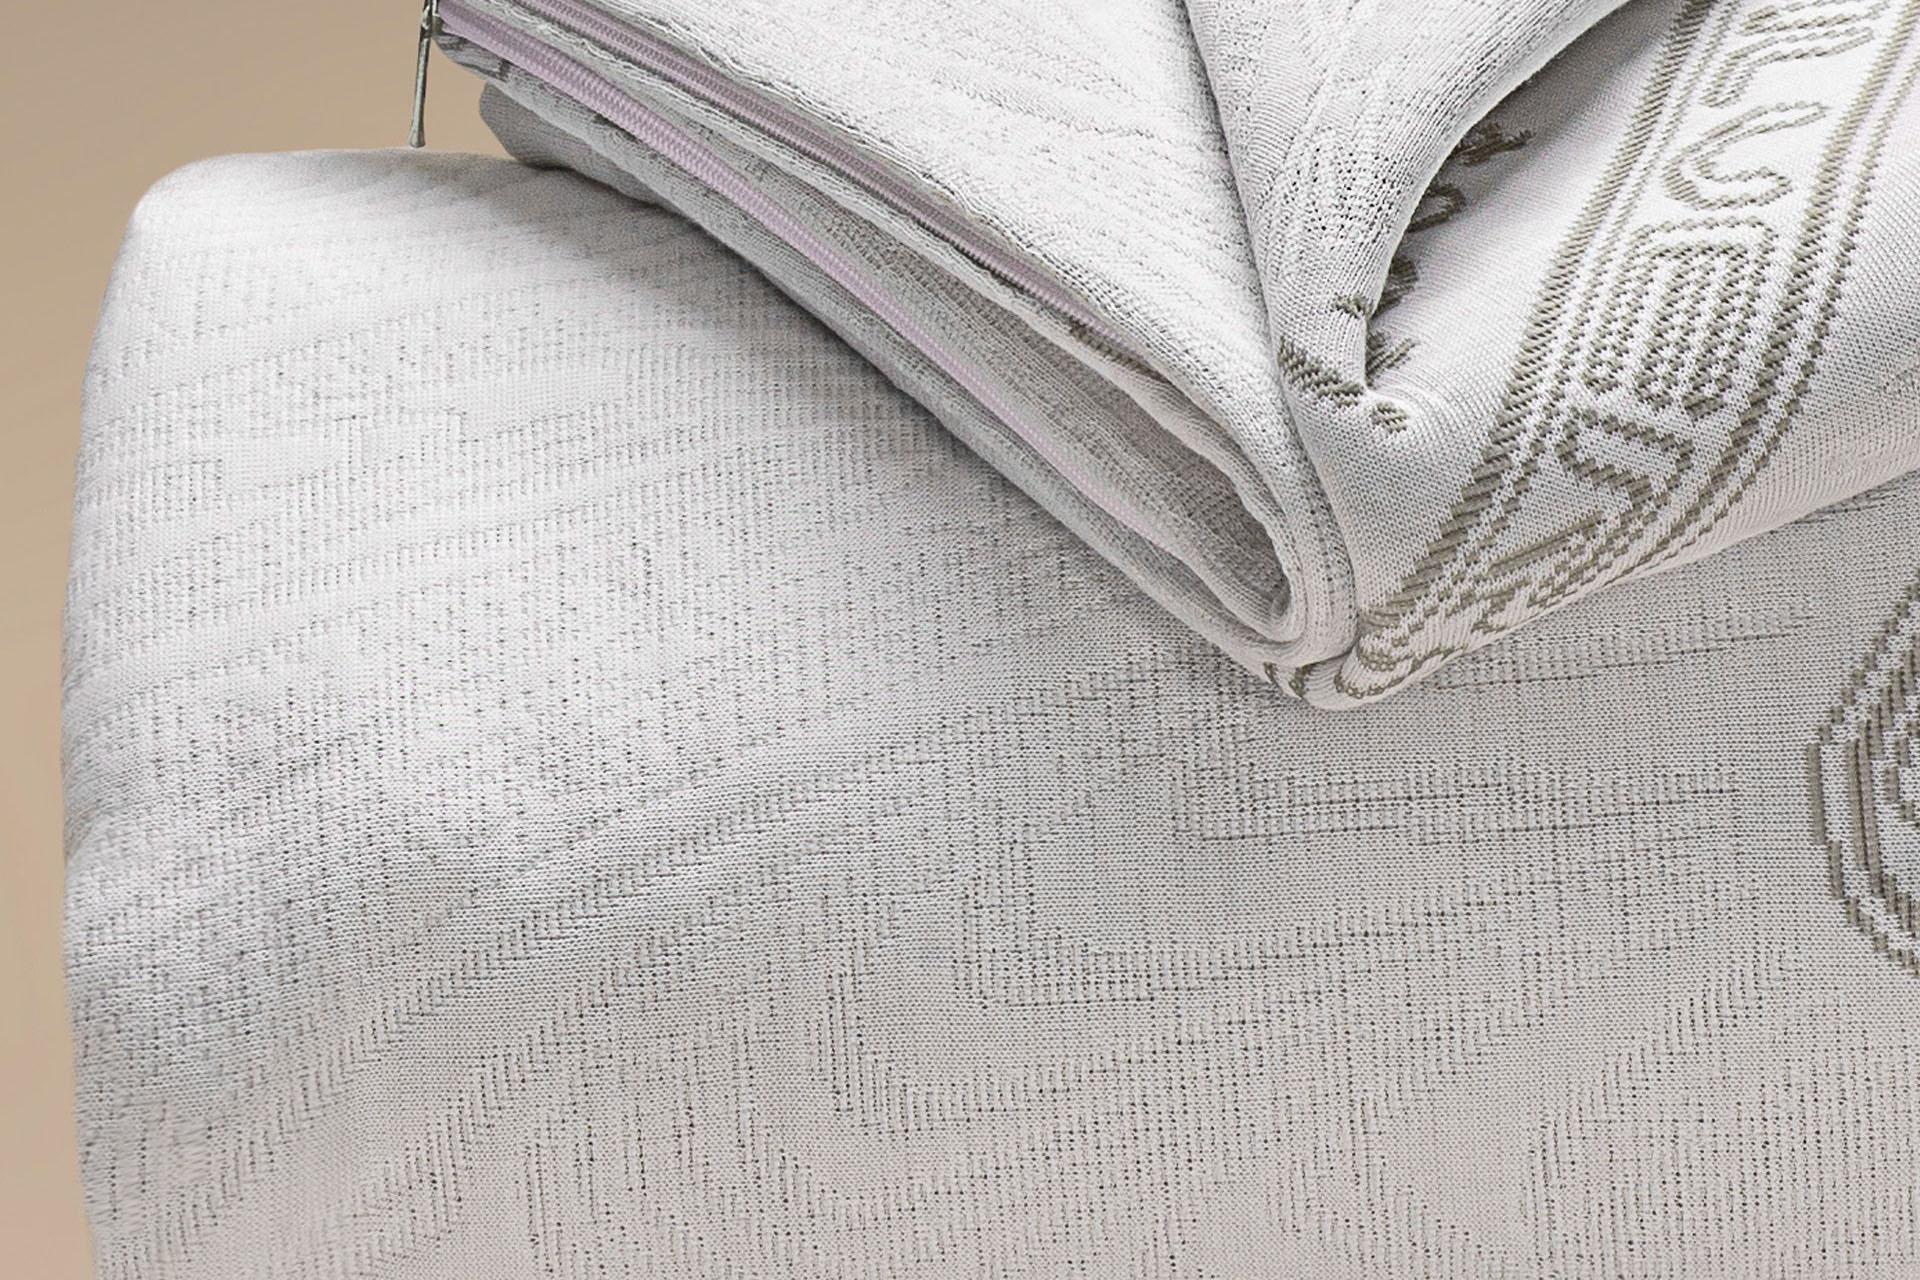 copricuscino a maglia semi imbottito igienico silverplus a cappuccio dettaglio